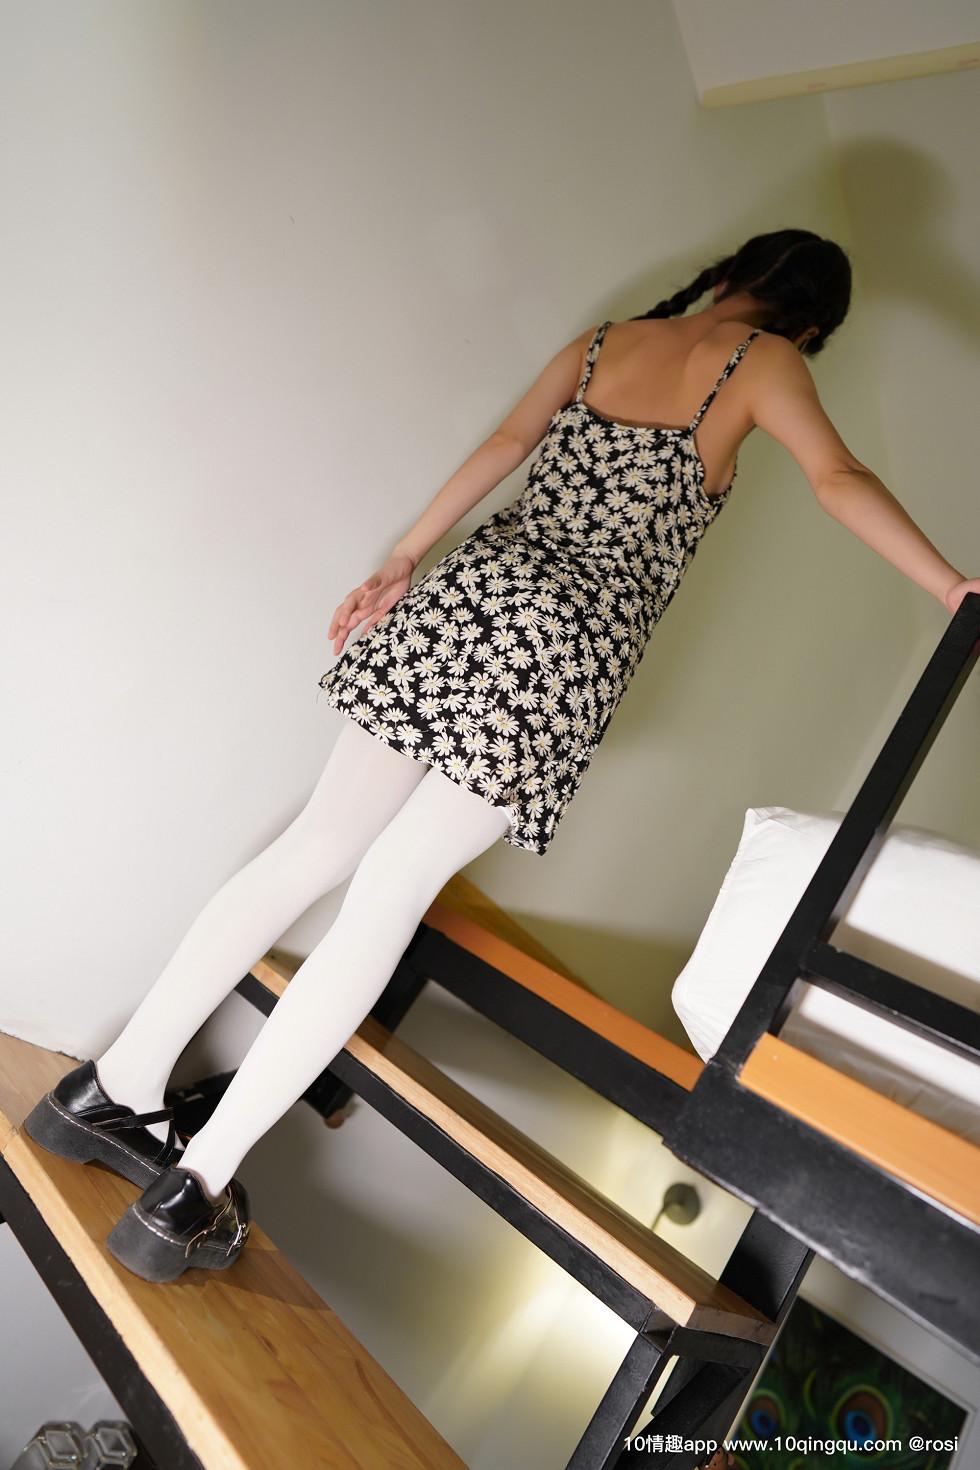 口罩系列NO花色吊带连身裙美女居家半脱露美胸蕾丝内裤诱惑无圣光写真39P wowoyule